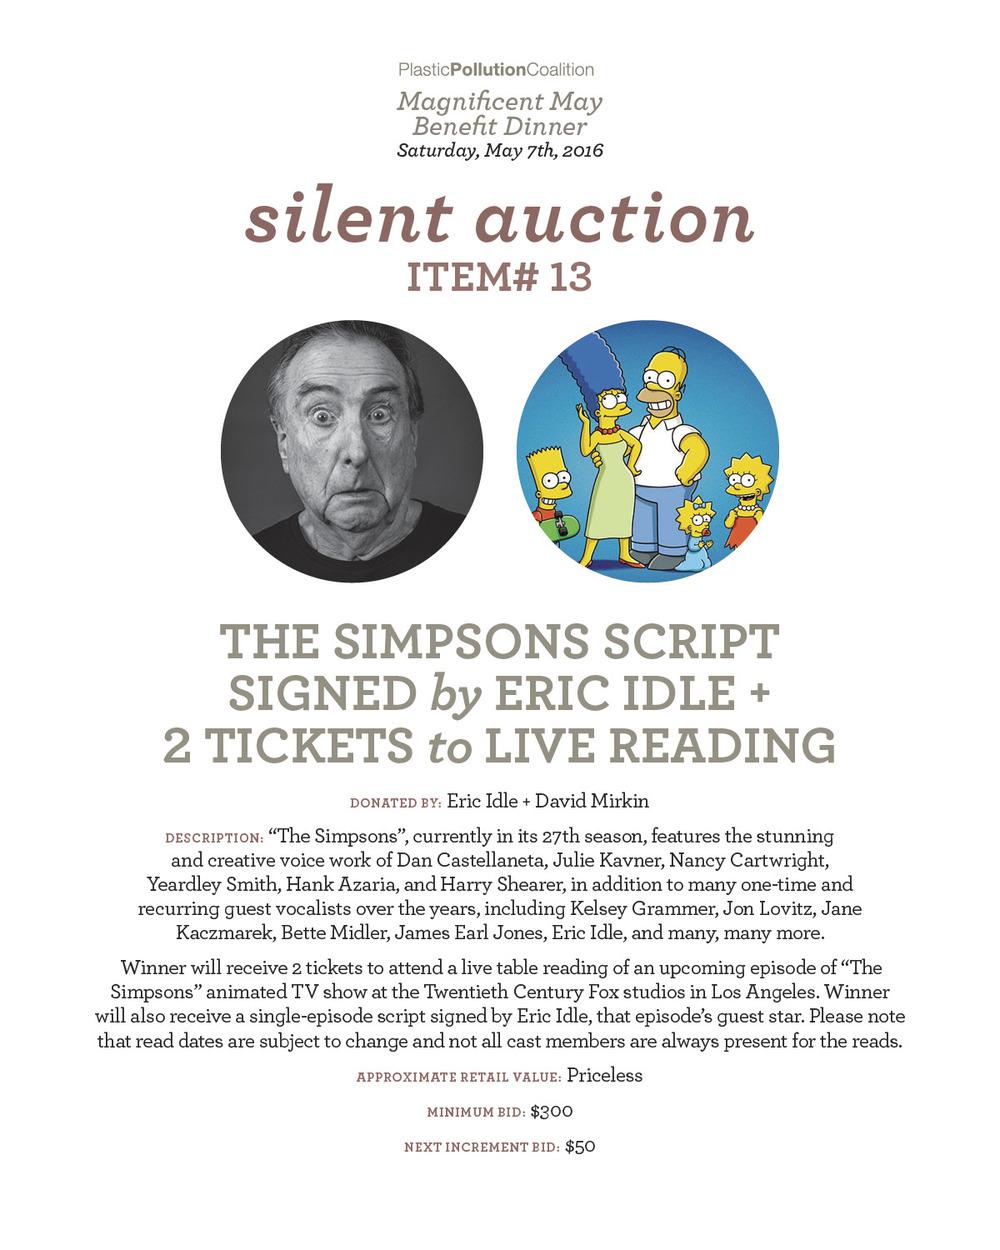 simpsons script +